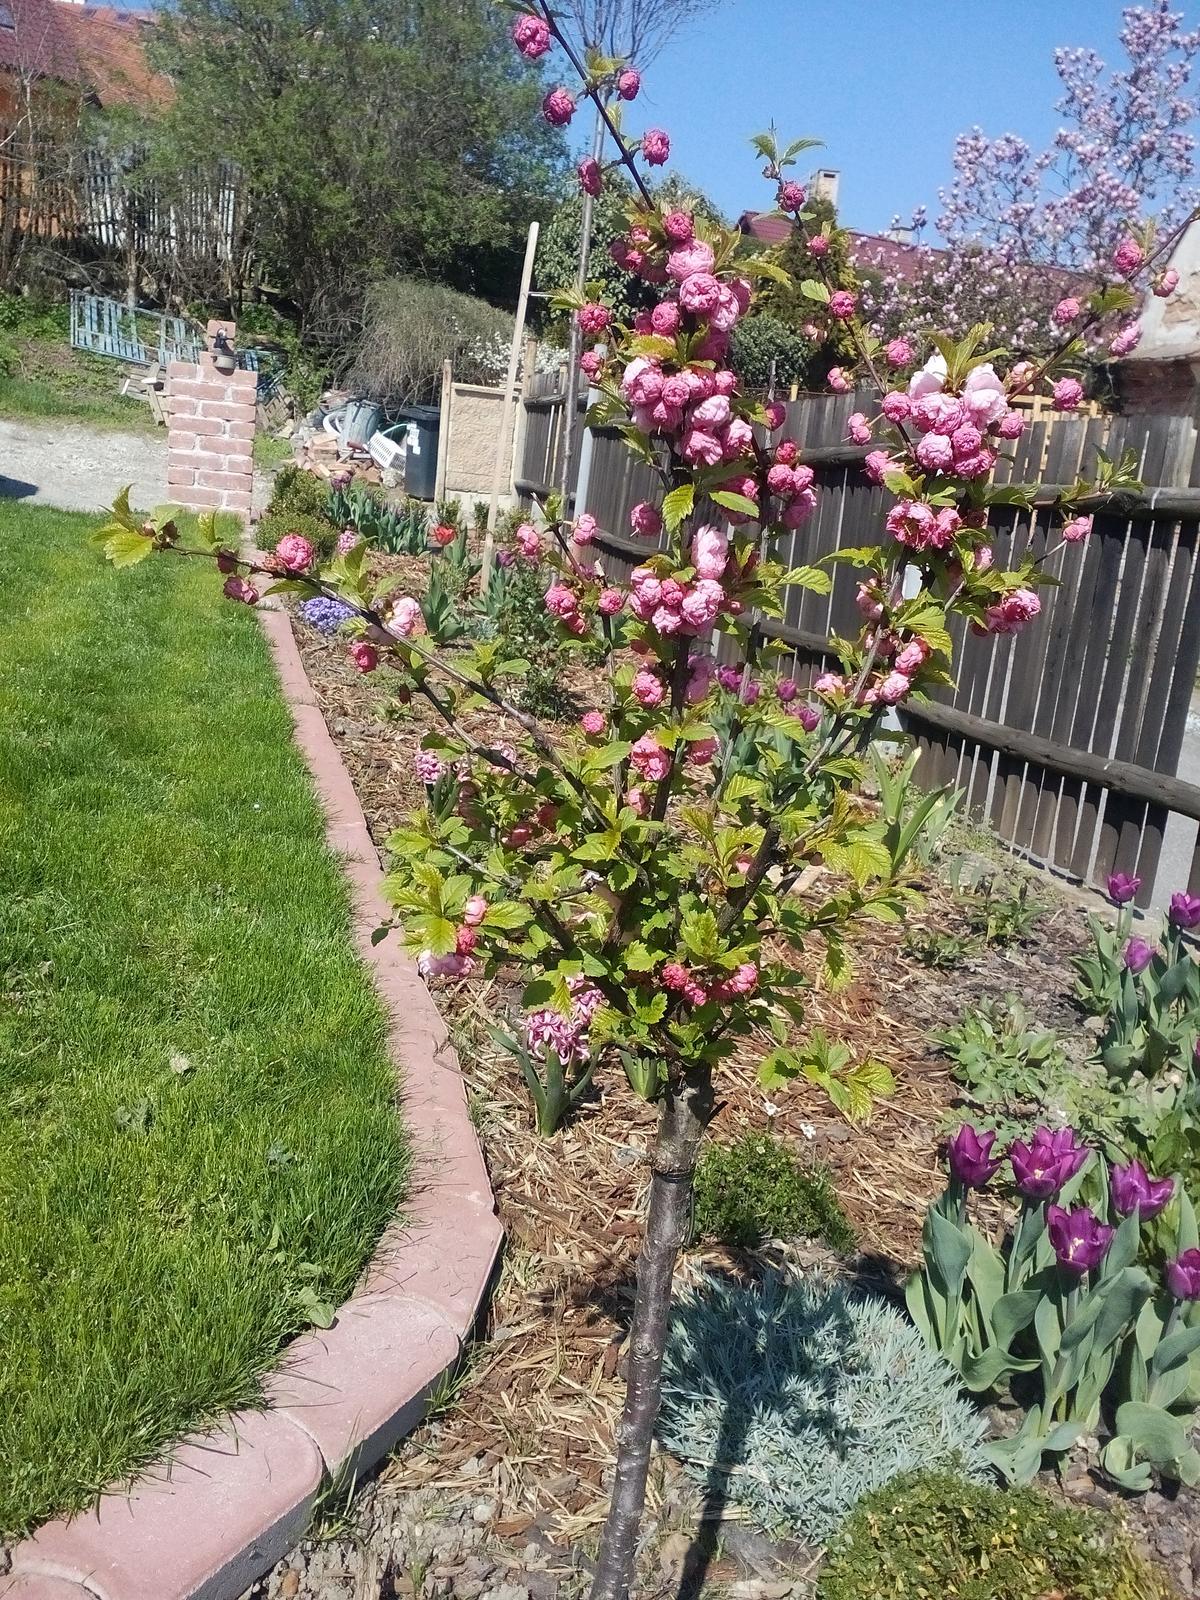 Záhrada - Obrázek č. 209